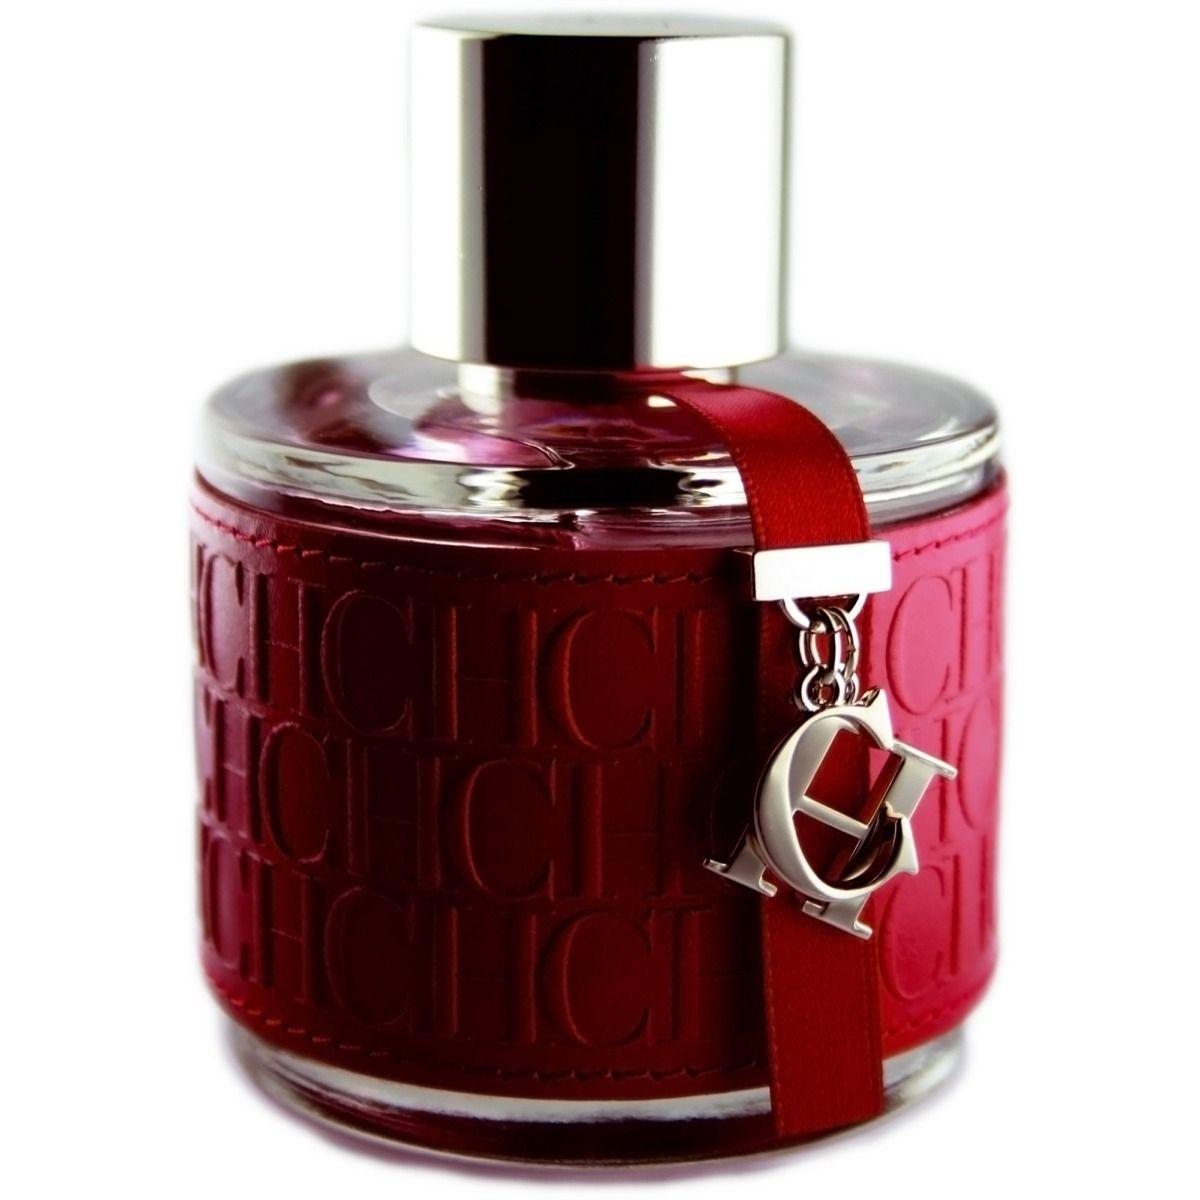 Carolina Herrera Perfume Veja modelos e dicas de